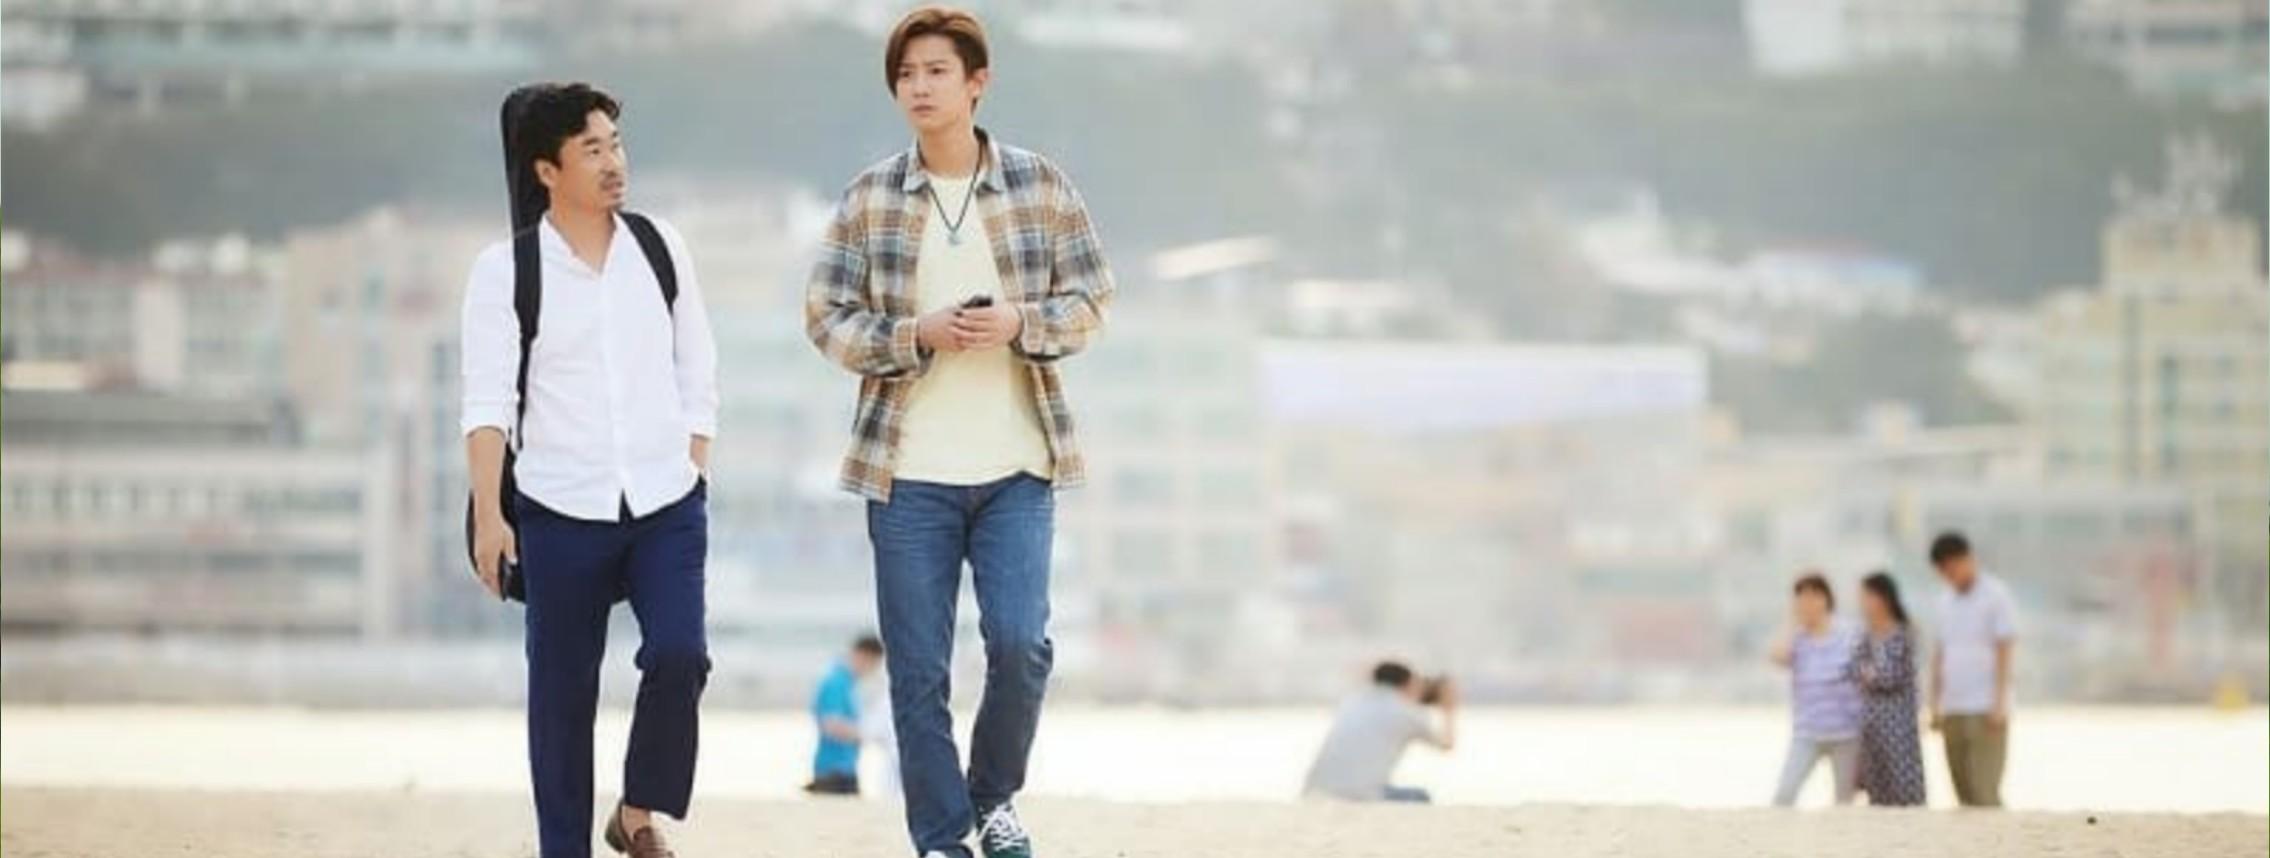 Cena do filme The Box - No Ritmo do Coração. Foto dos personagens Minsoo e Jihoon caminhando em uma praia. Minsoo, a esquerda, tem cabelos pretos curto e barba, carrega um violão nas costas e usa uma camisa social branca, calça azul escuro e um sapato social marrom. Ao seu lado direito, Jihoon, com cabelos castanhos e curto, ele usa um colar, uma camisa xadrez marrom e cinza por cima de uma camiseta branca, calça jeans e tênis azul. Ao fundo da imagem podemos ver uma pessoa tirando foto de outras, o mar e alguns prédios.